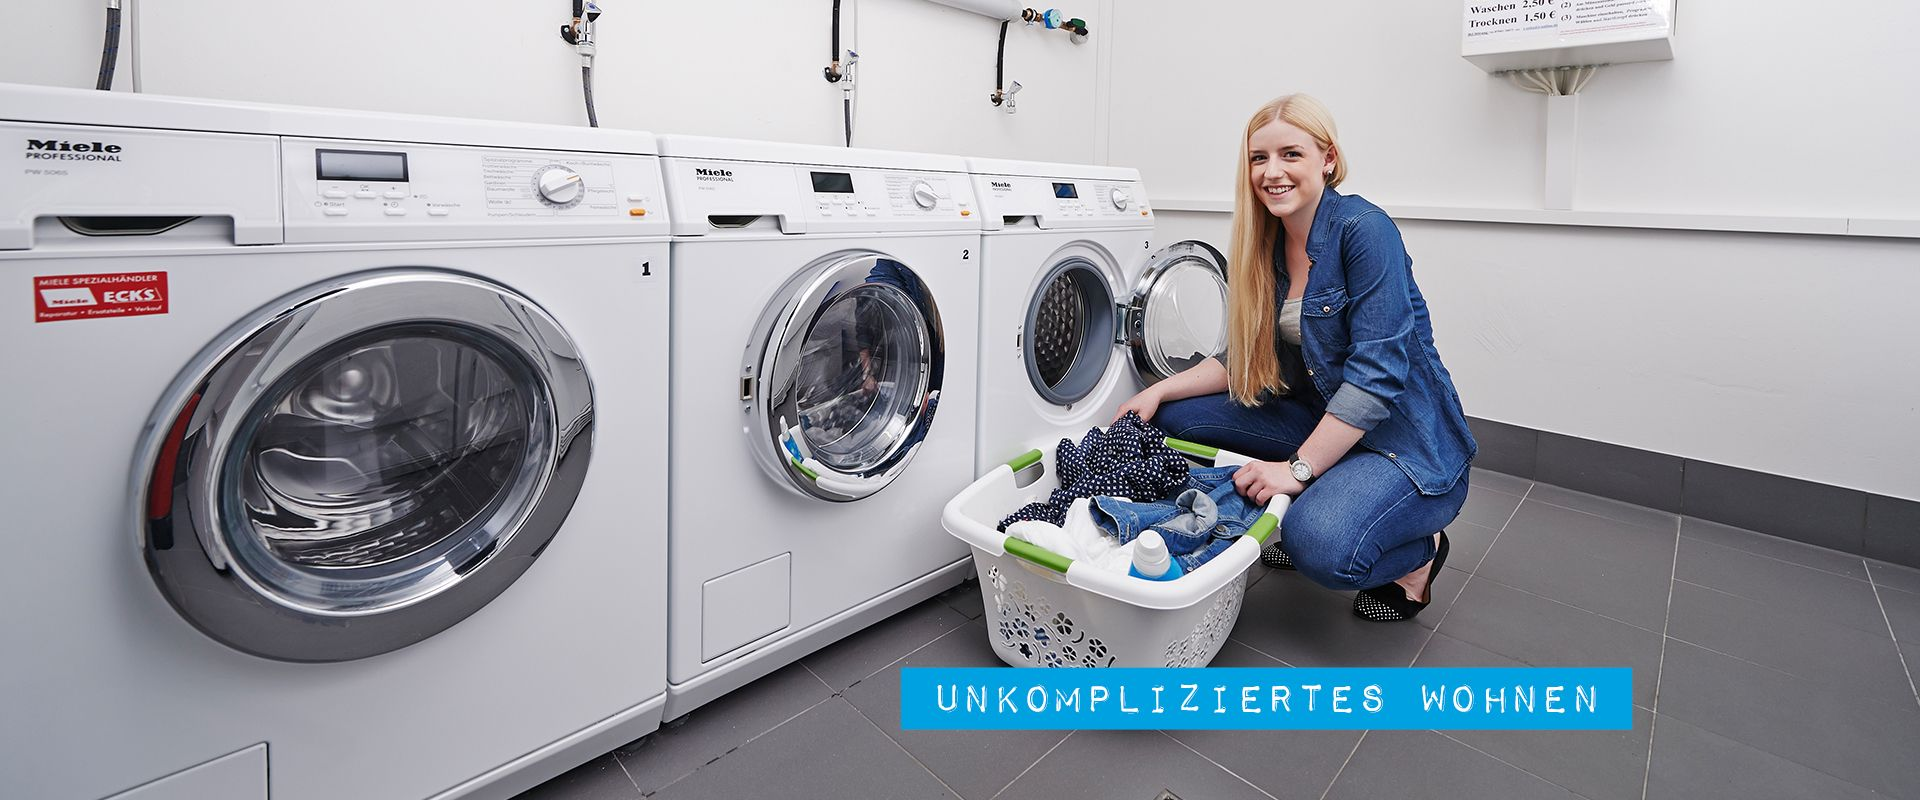 Unkompliziertes Wohnen in SPREEPLOLIS Appartements mit Waschküche und schönen Wohnungen